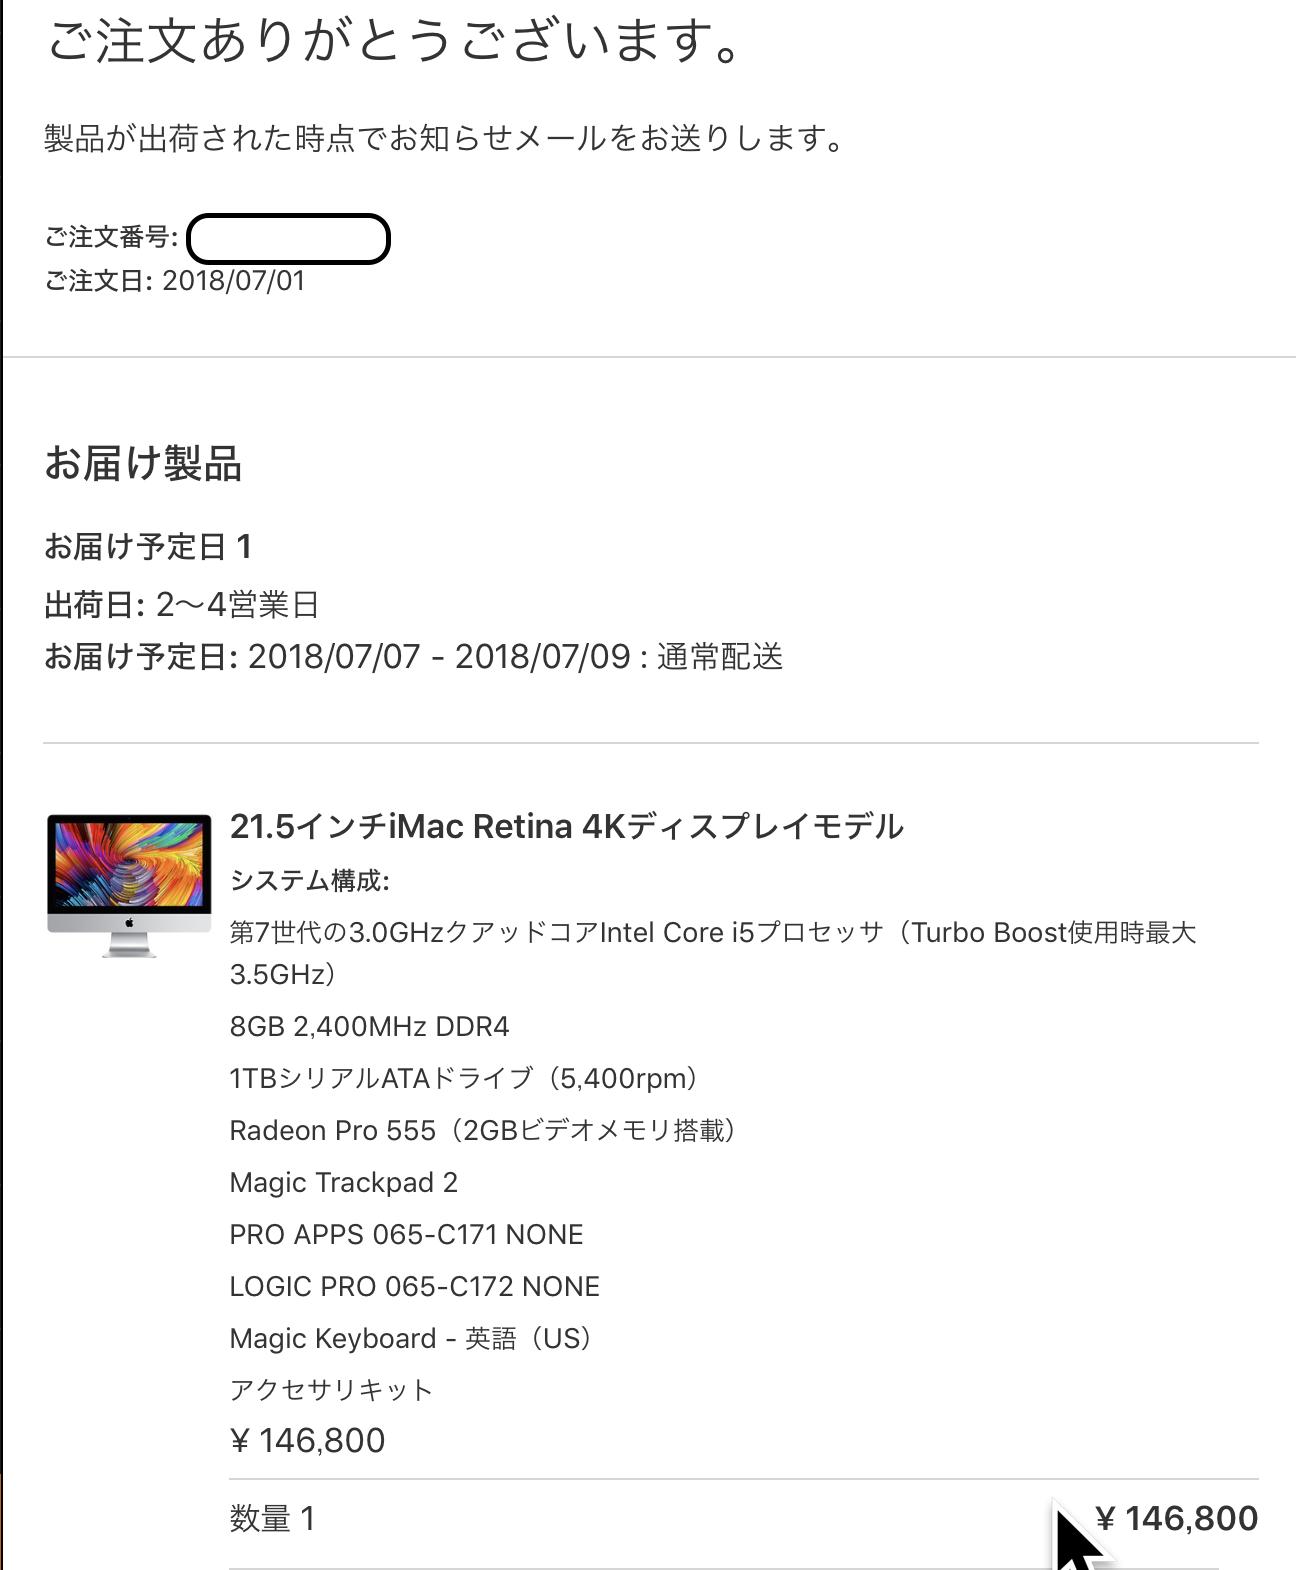 iMac購入明細